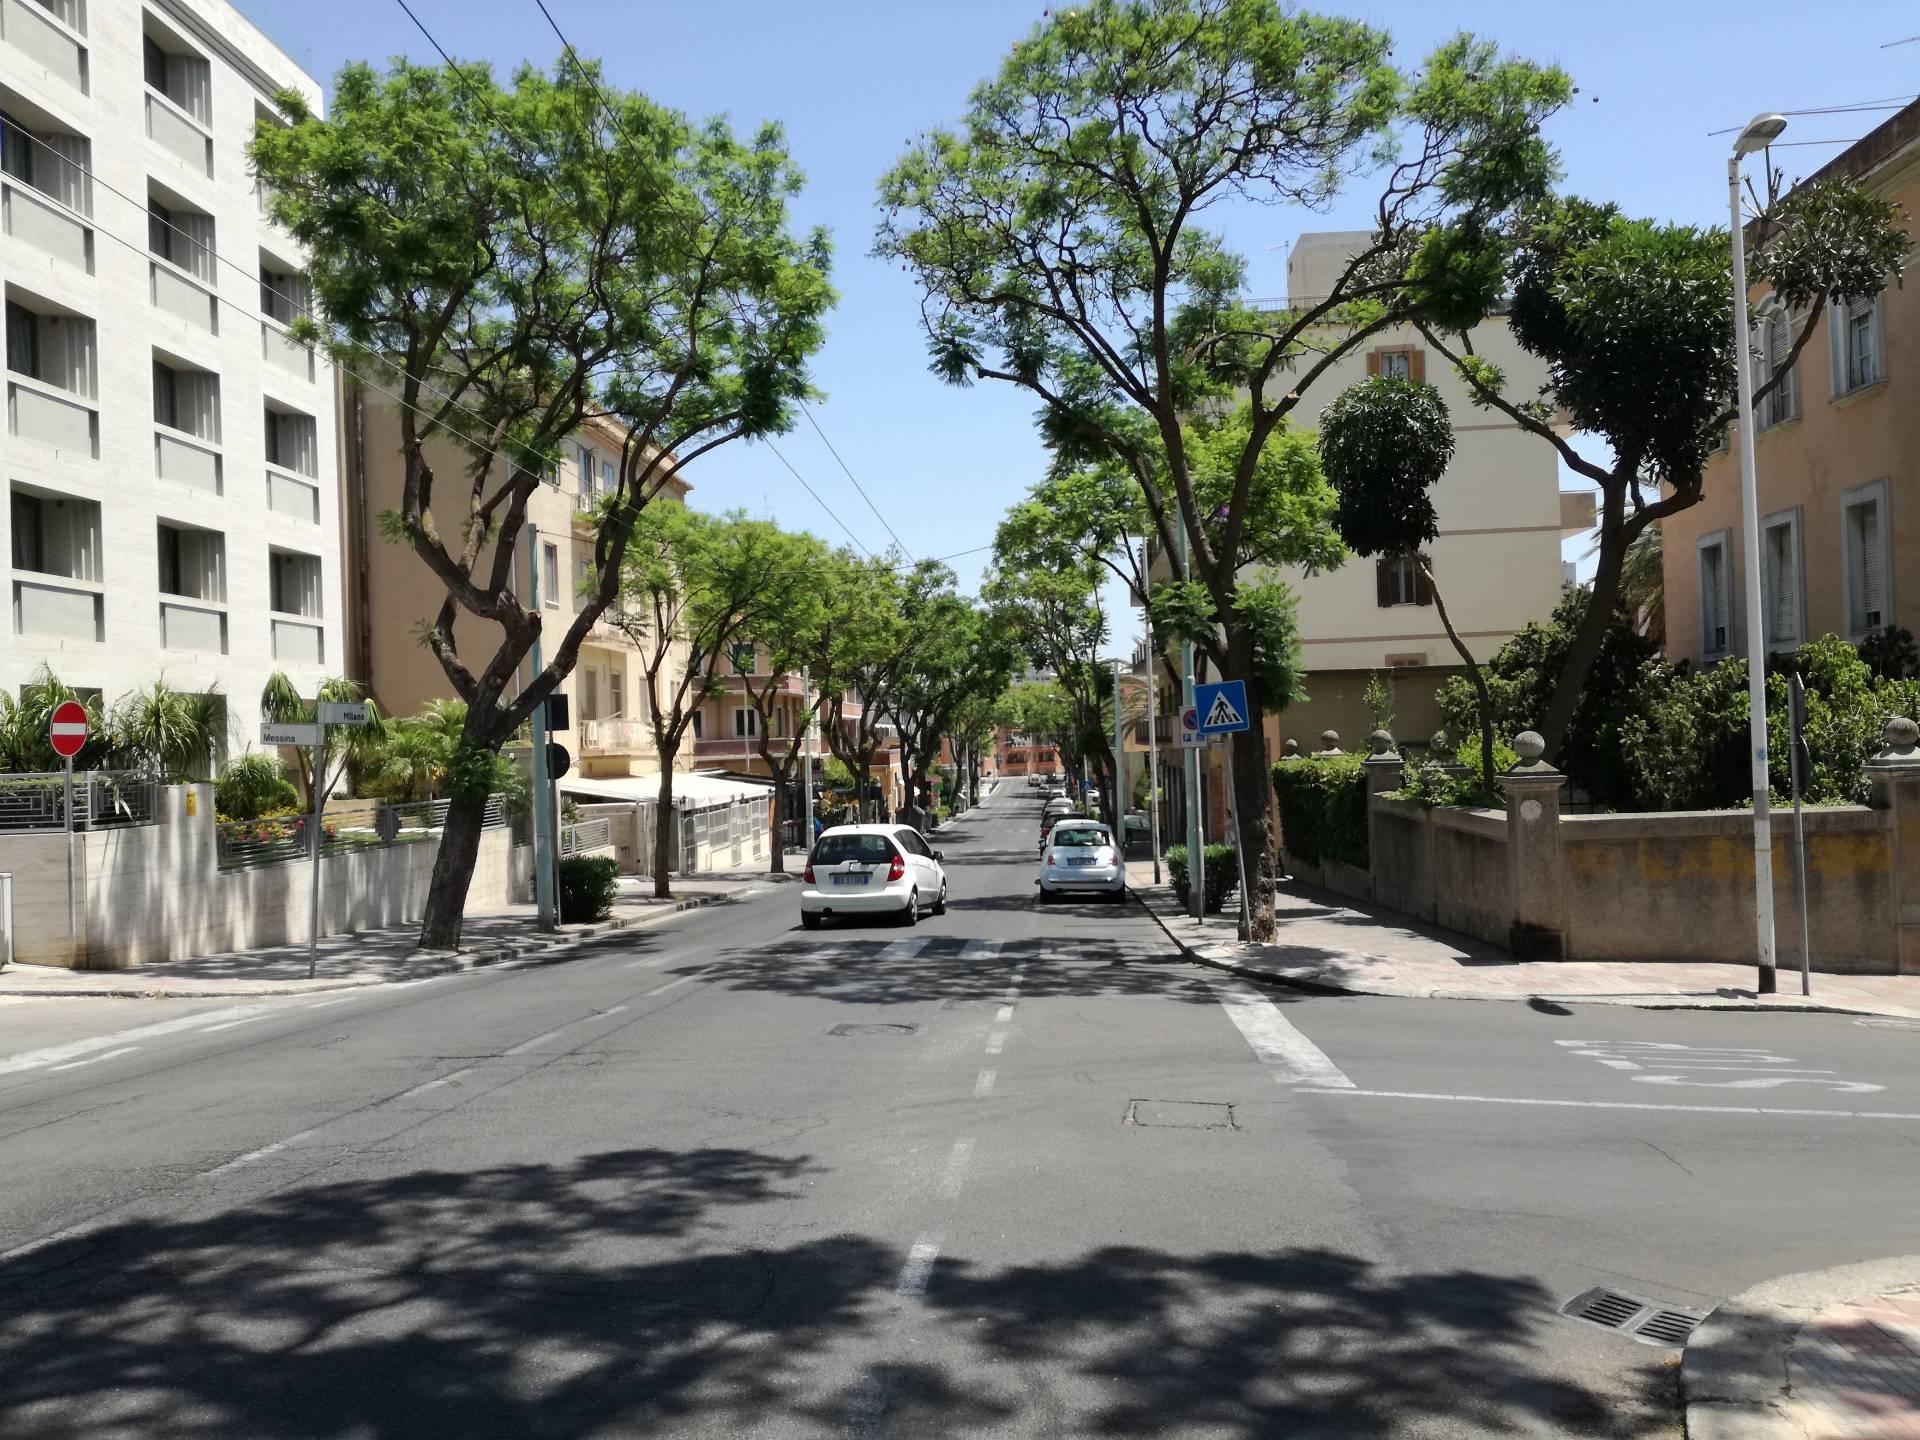 Appartamento in affitto a Cagliari, 2 locali, zona Zona: Bonaria, prezzo € 650 | CambioCasa.it